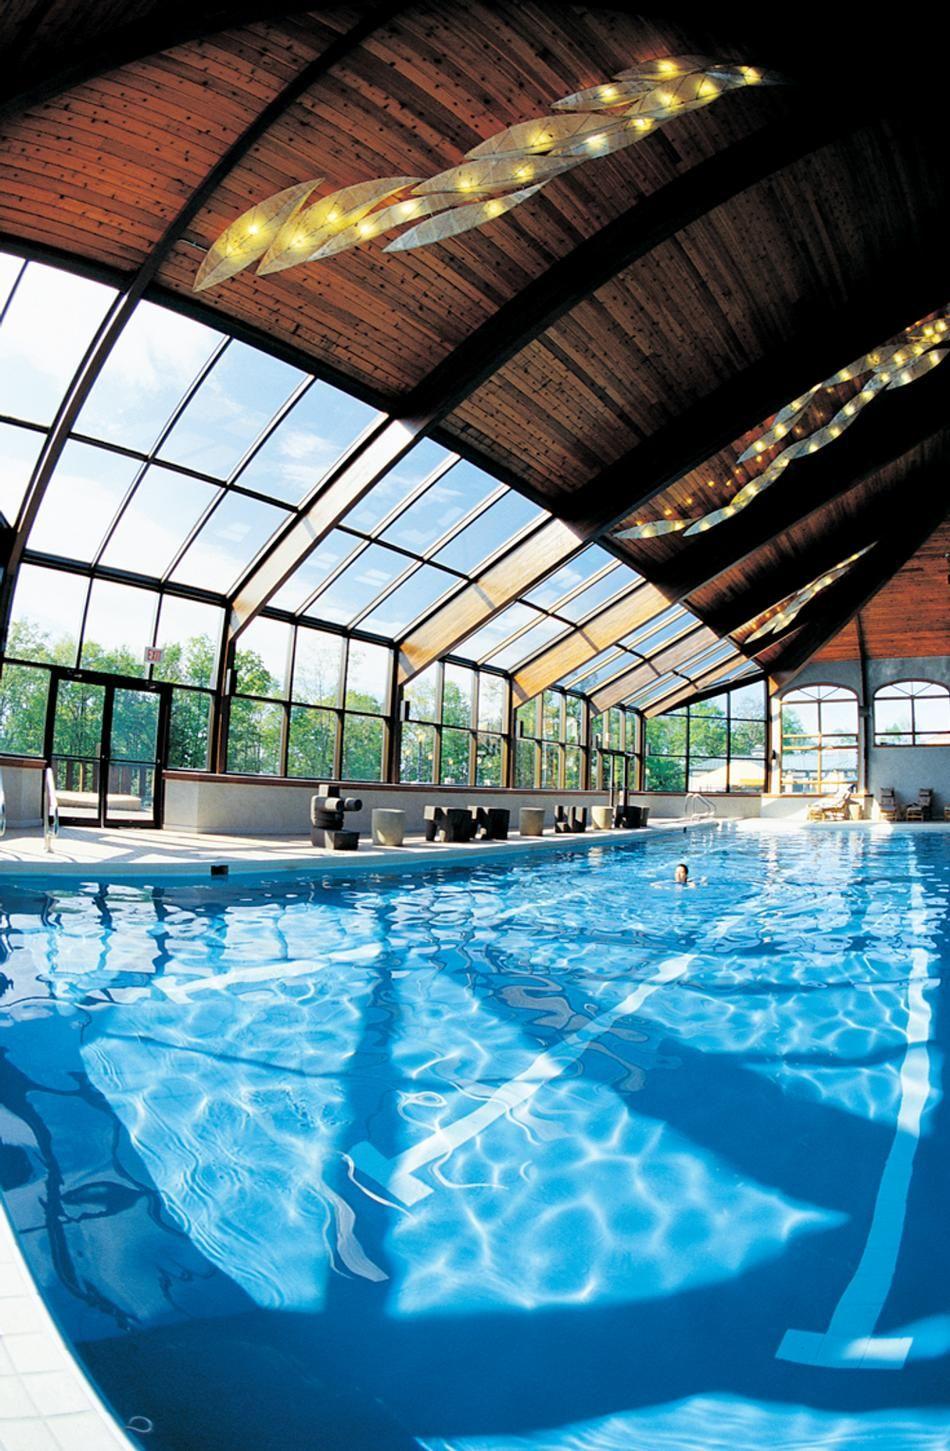 Indoor Spa Swimming Pool At Nemacolin Woodlands Resort Best Weekend Getaways Spa Weekend Weekend Getaways